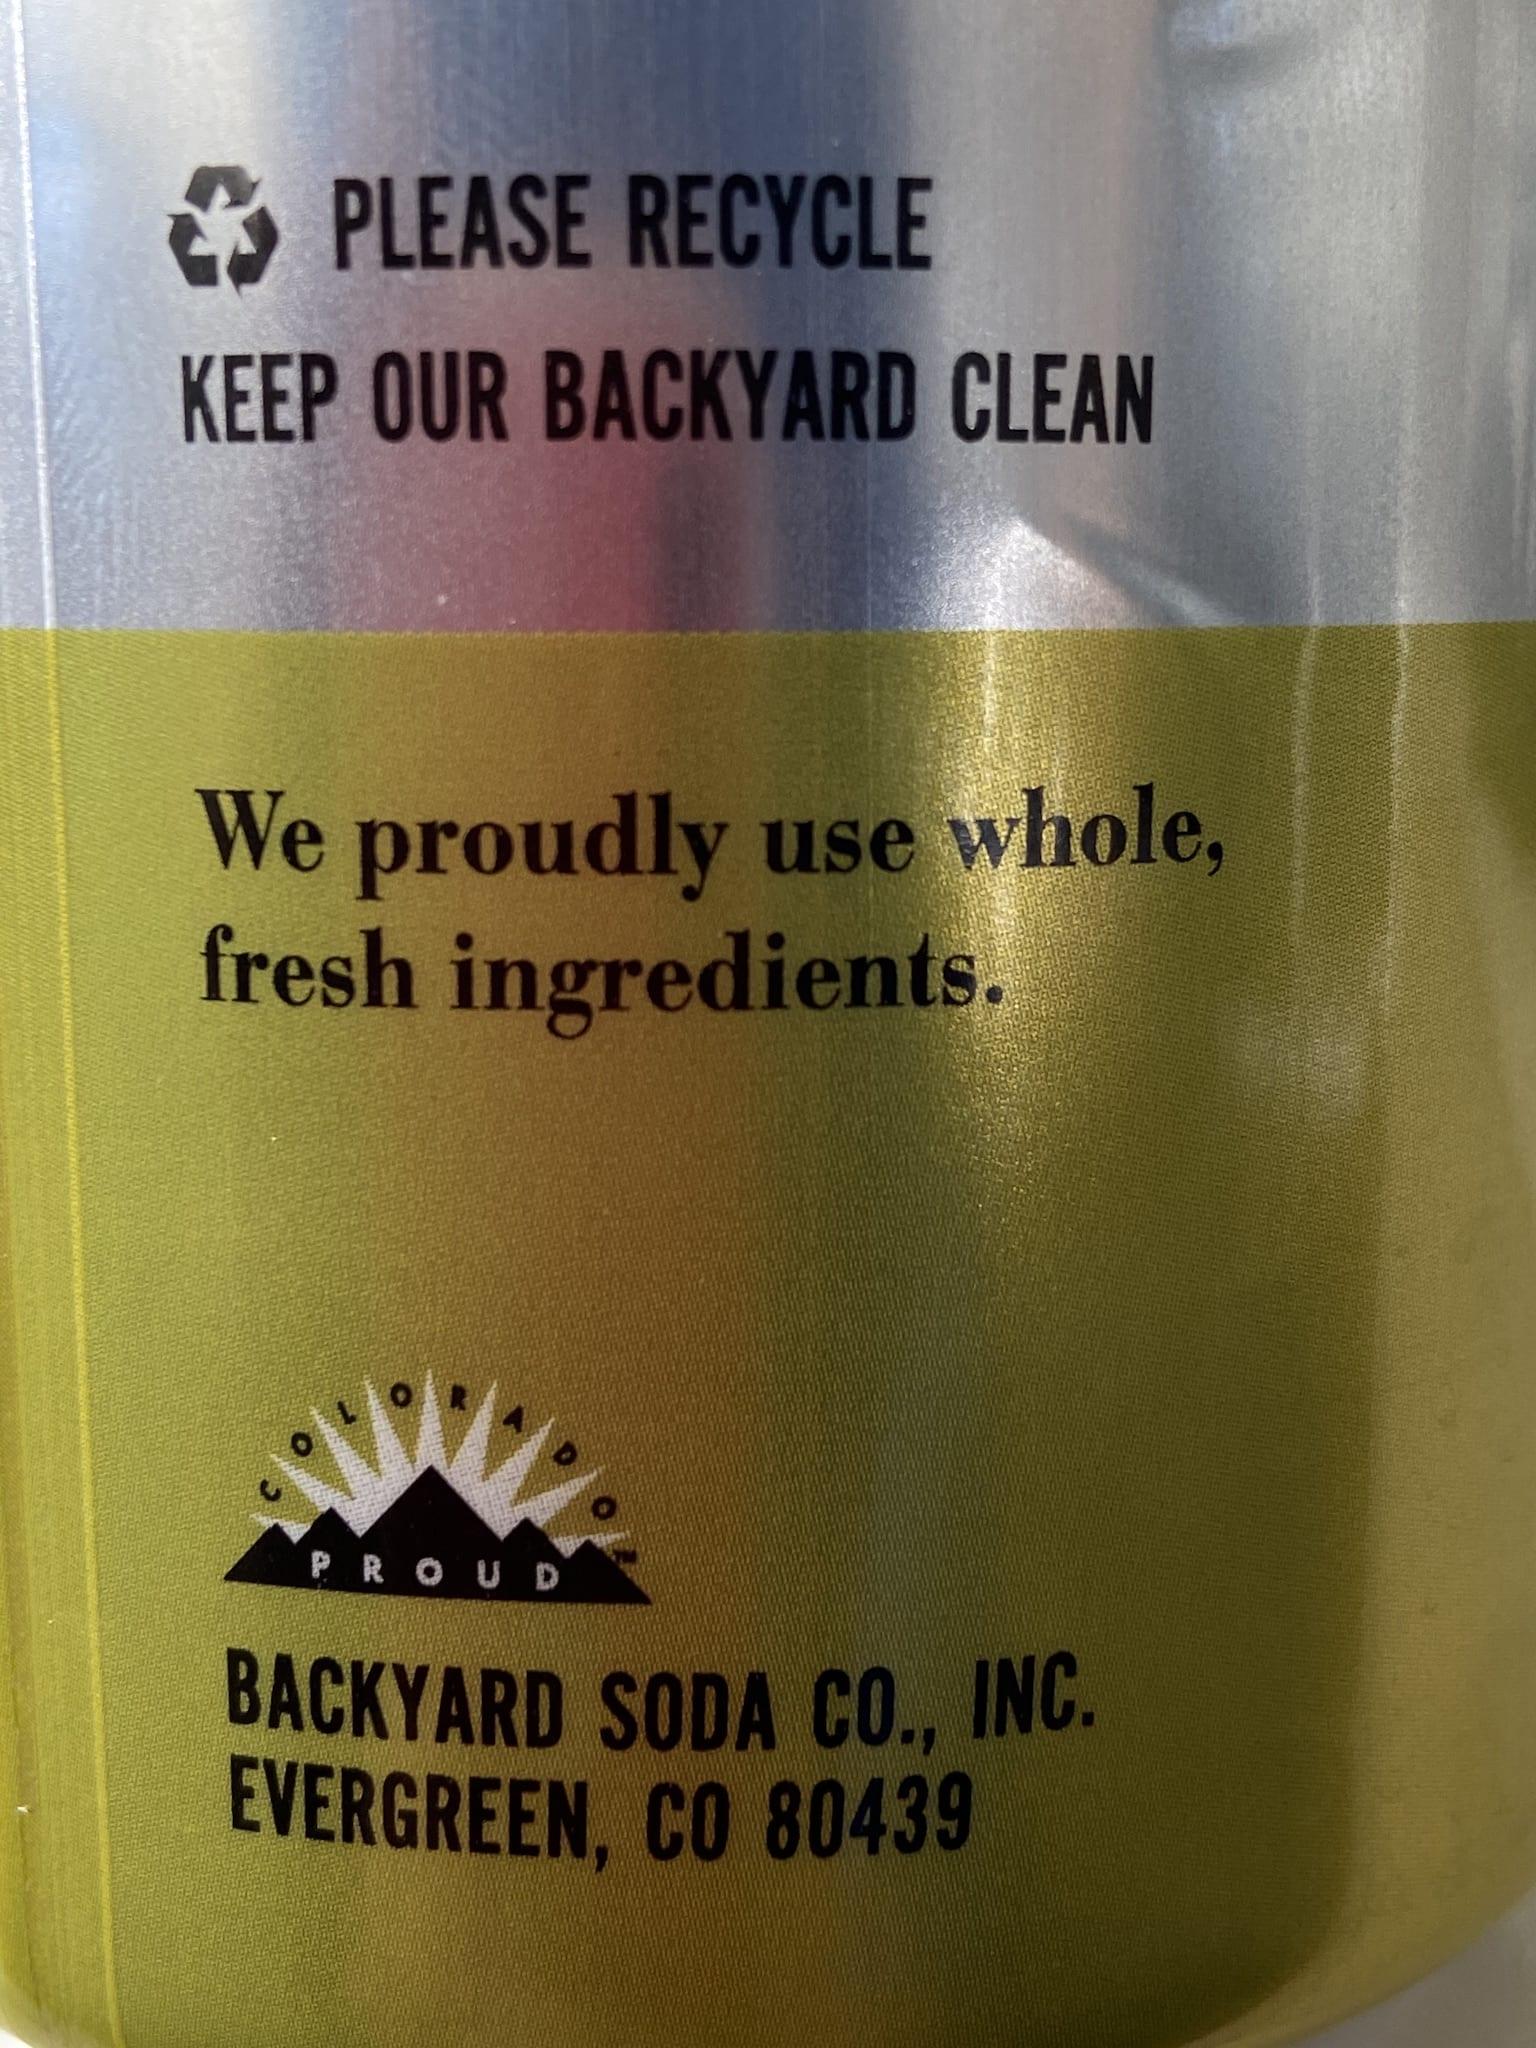 Backyard Soda Co. Made in Evergreen, Colorado